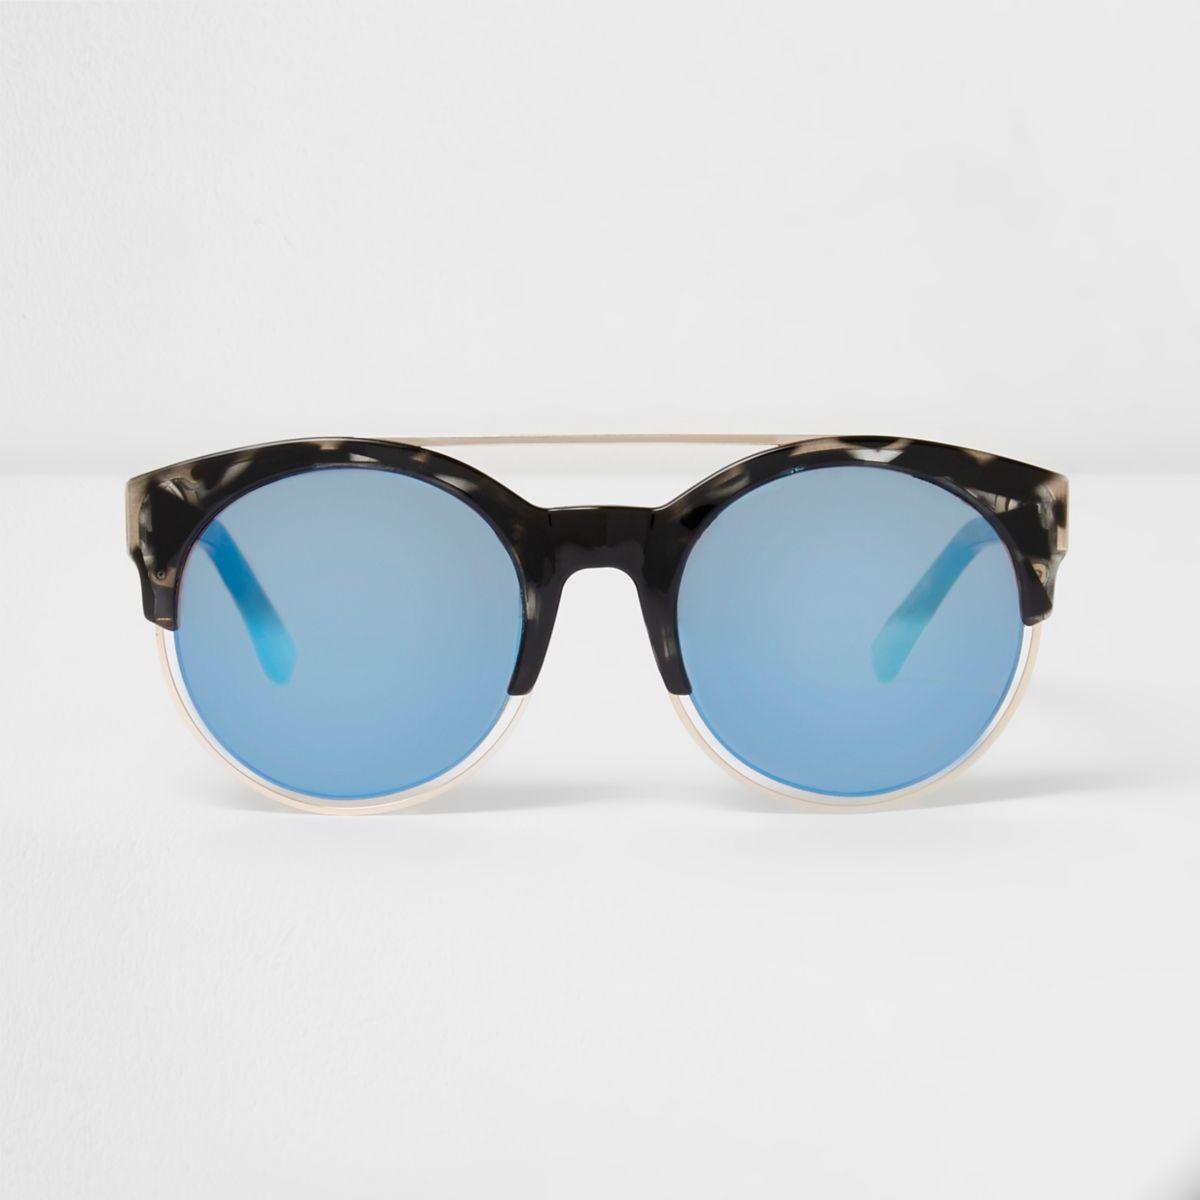 Black tortoiseshell blue lens sunglasses